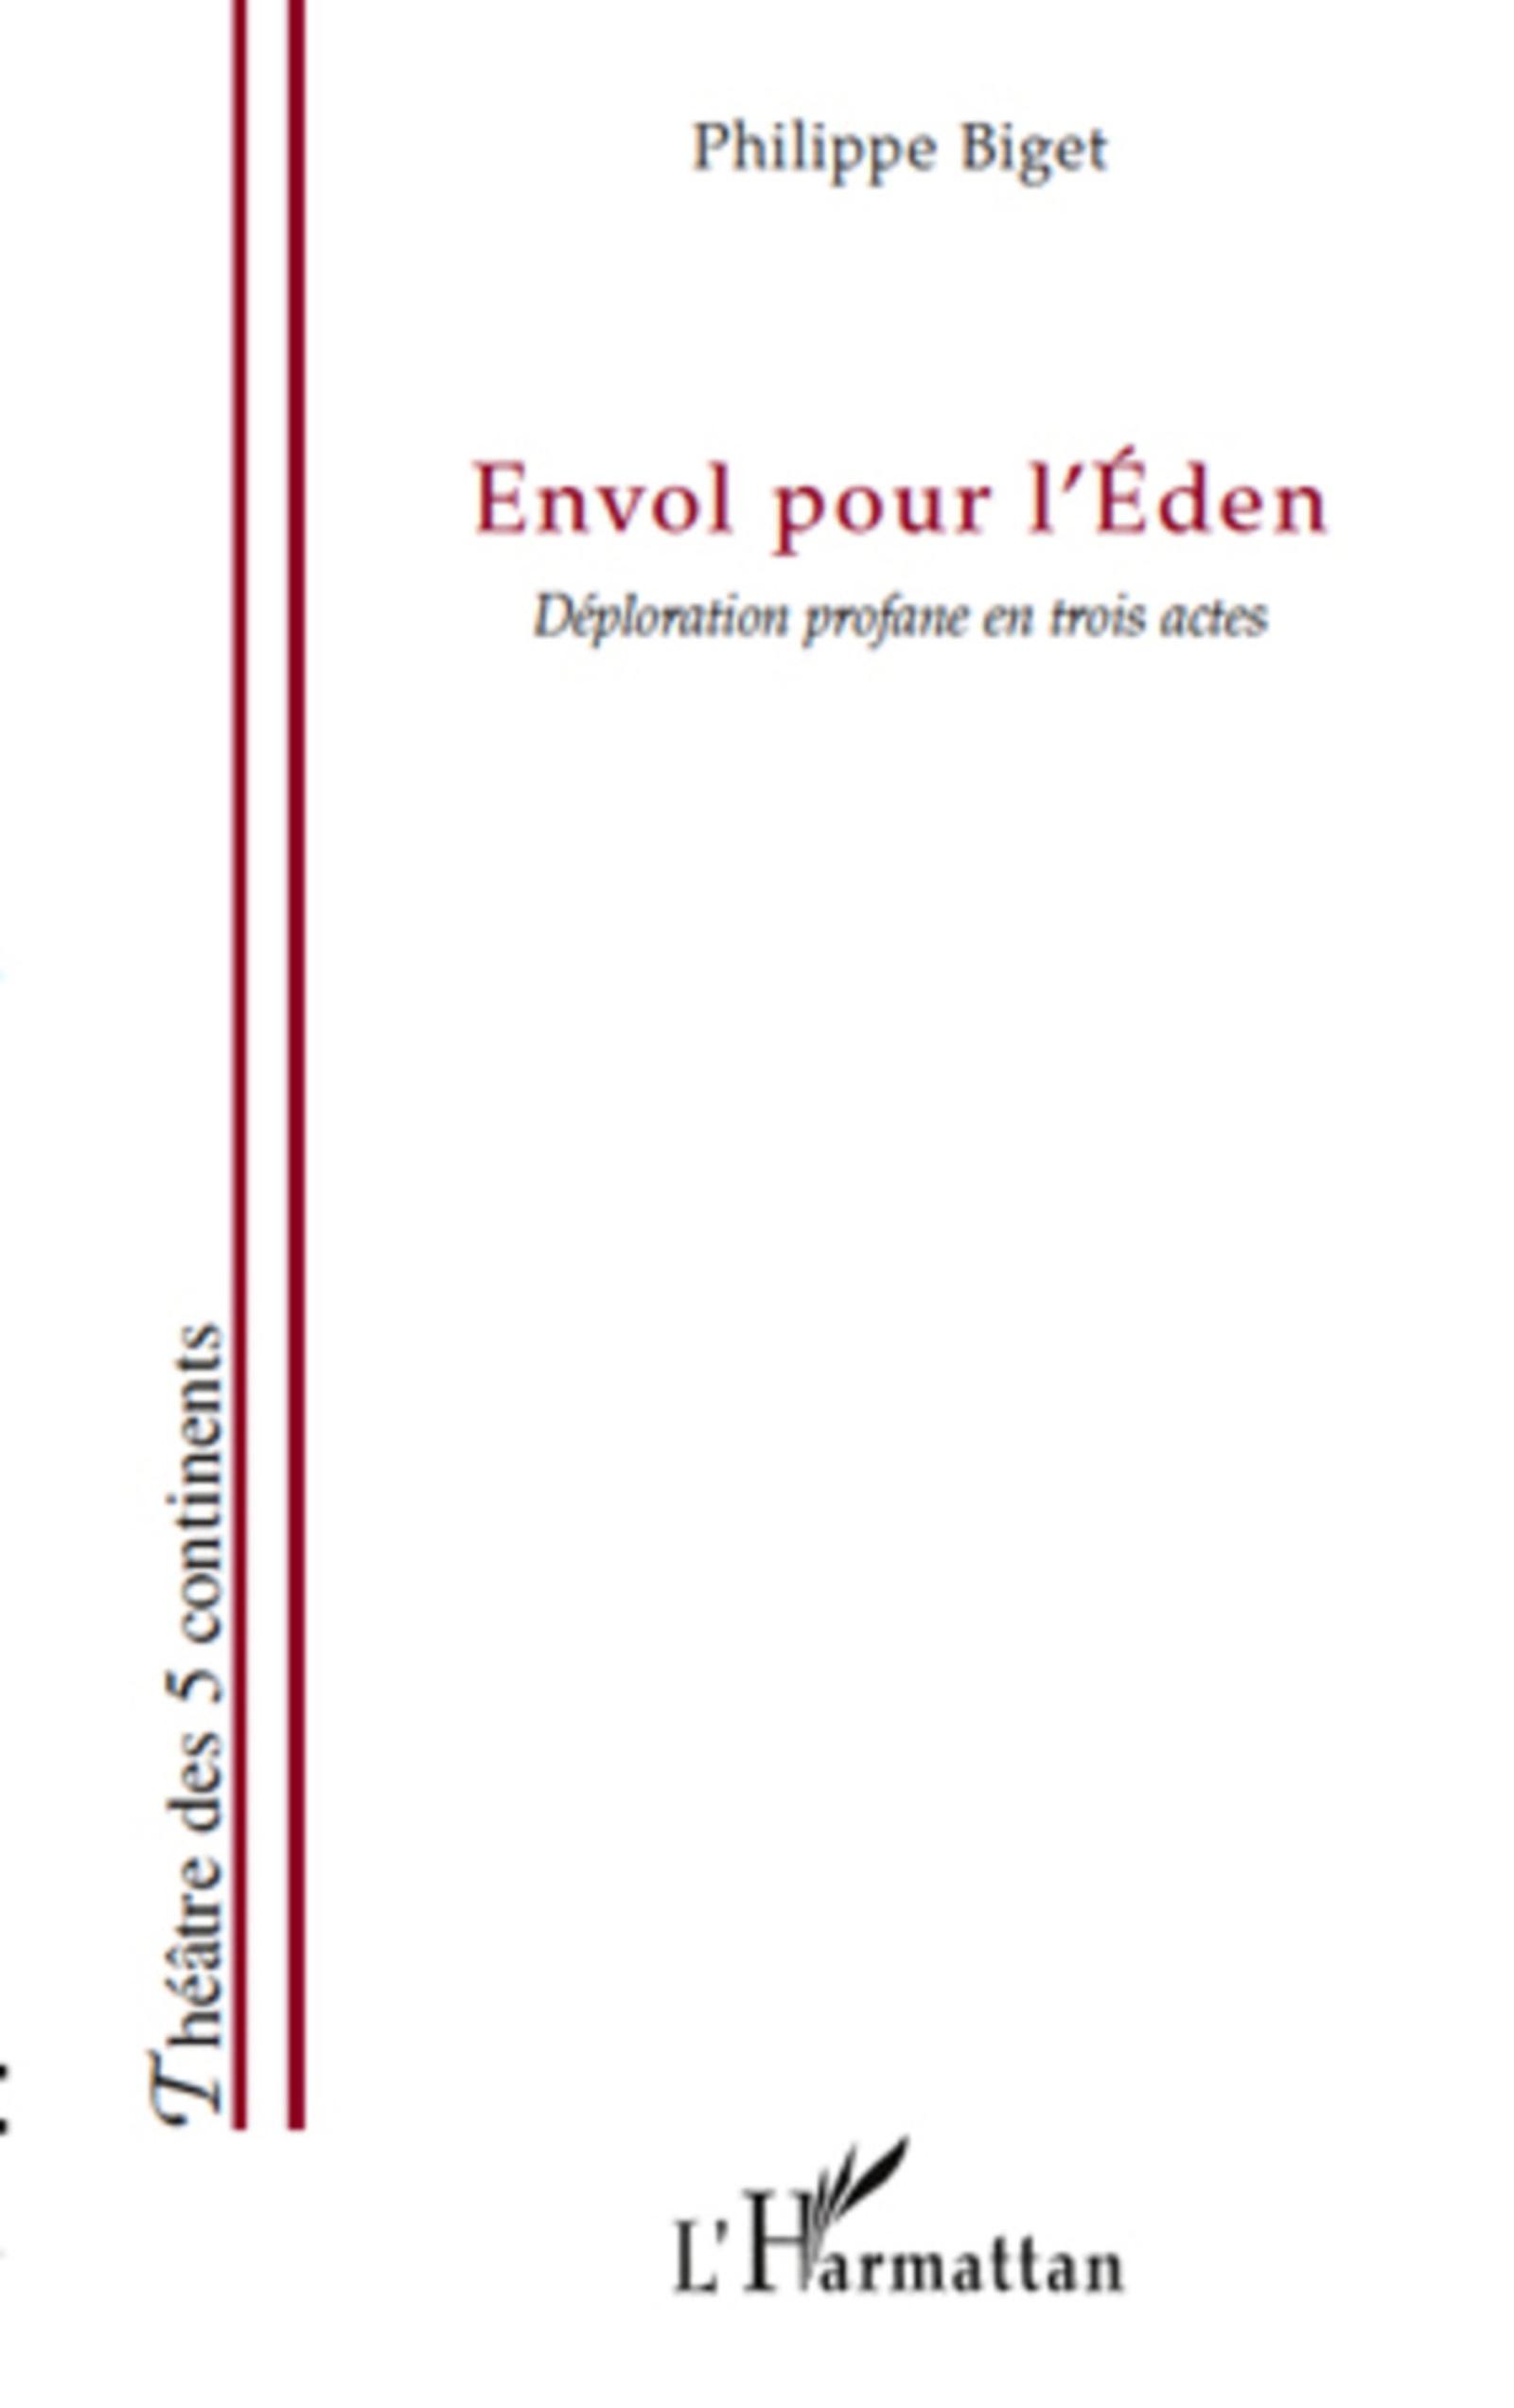 Envol pour l'Eden